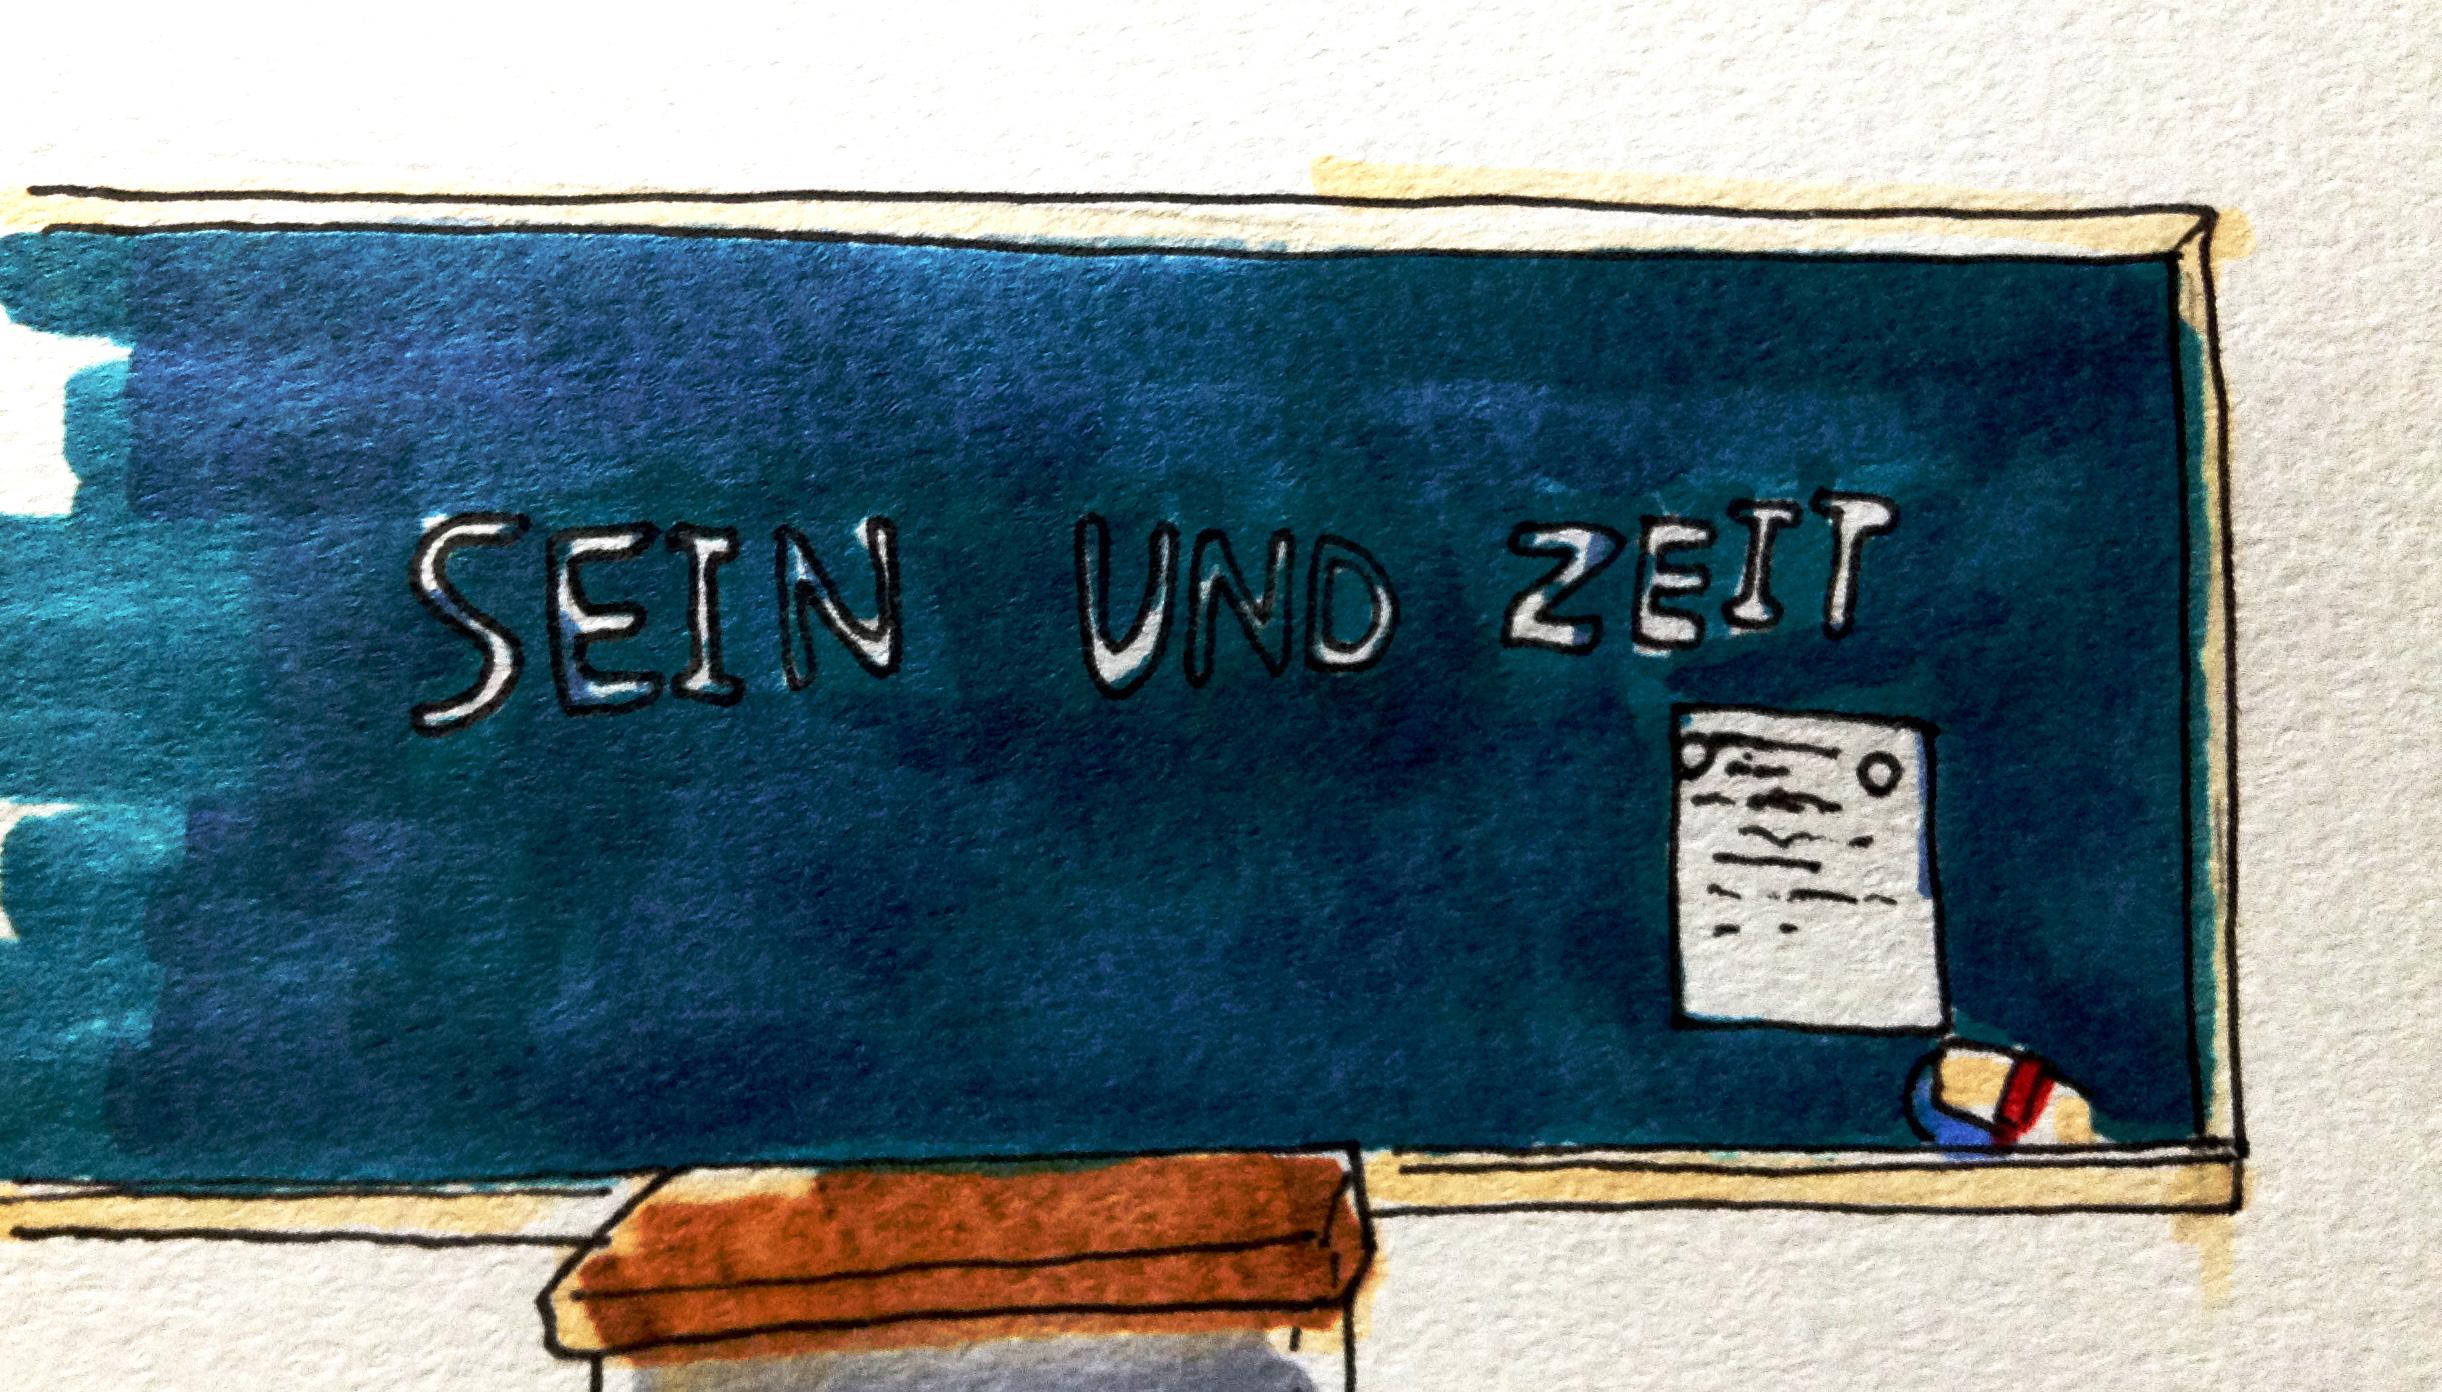 『存在と時間』を授業で習った思い出のイメージをコピックマーカーで描いたイラスト